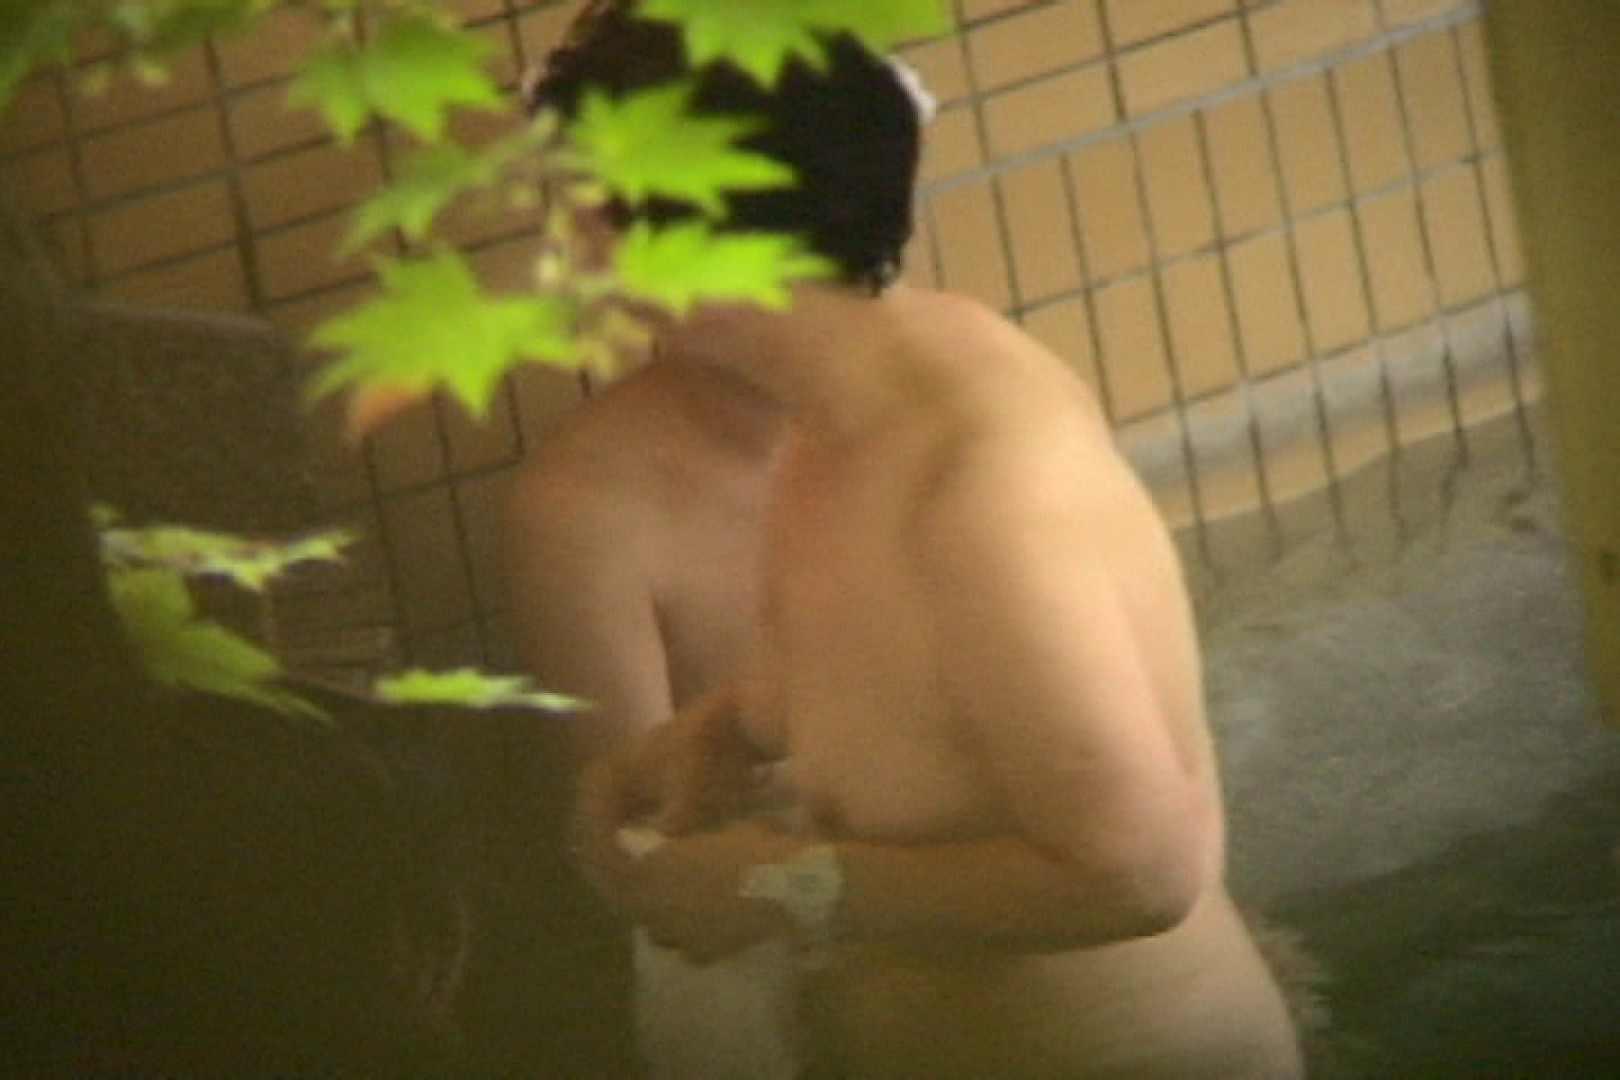 Aquaな露天風呂Vol.702 OLエロ画像 隠し撮りオマンコ動画紹介 109PICs 92